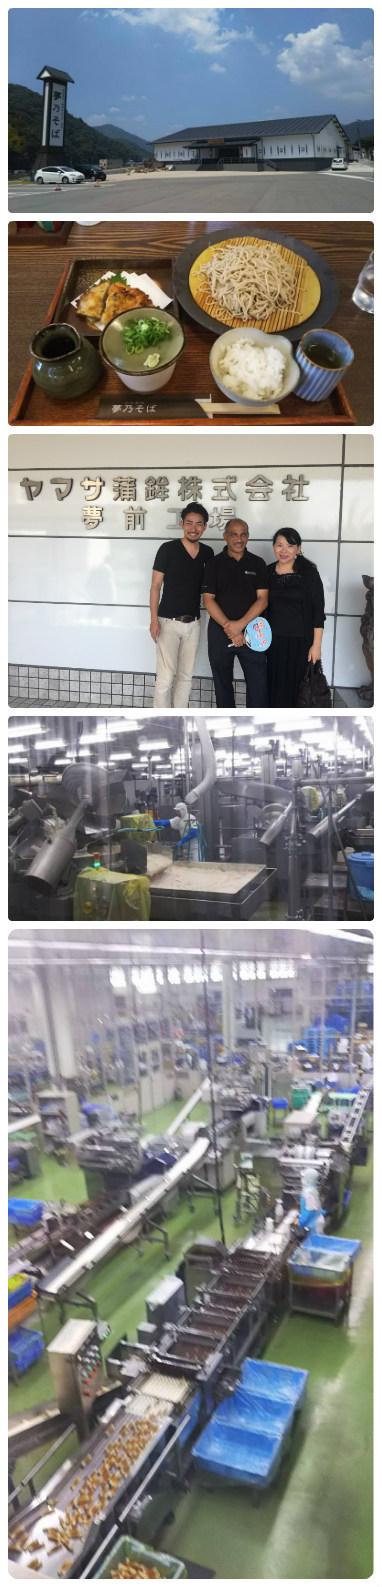 オーストラリアからインターンシップ生と三線・折り紙・風呂敷交流と夢そば・ヤマサ蒲鉾工場見学